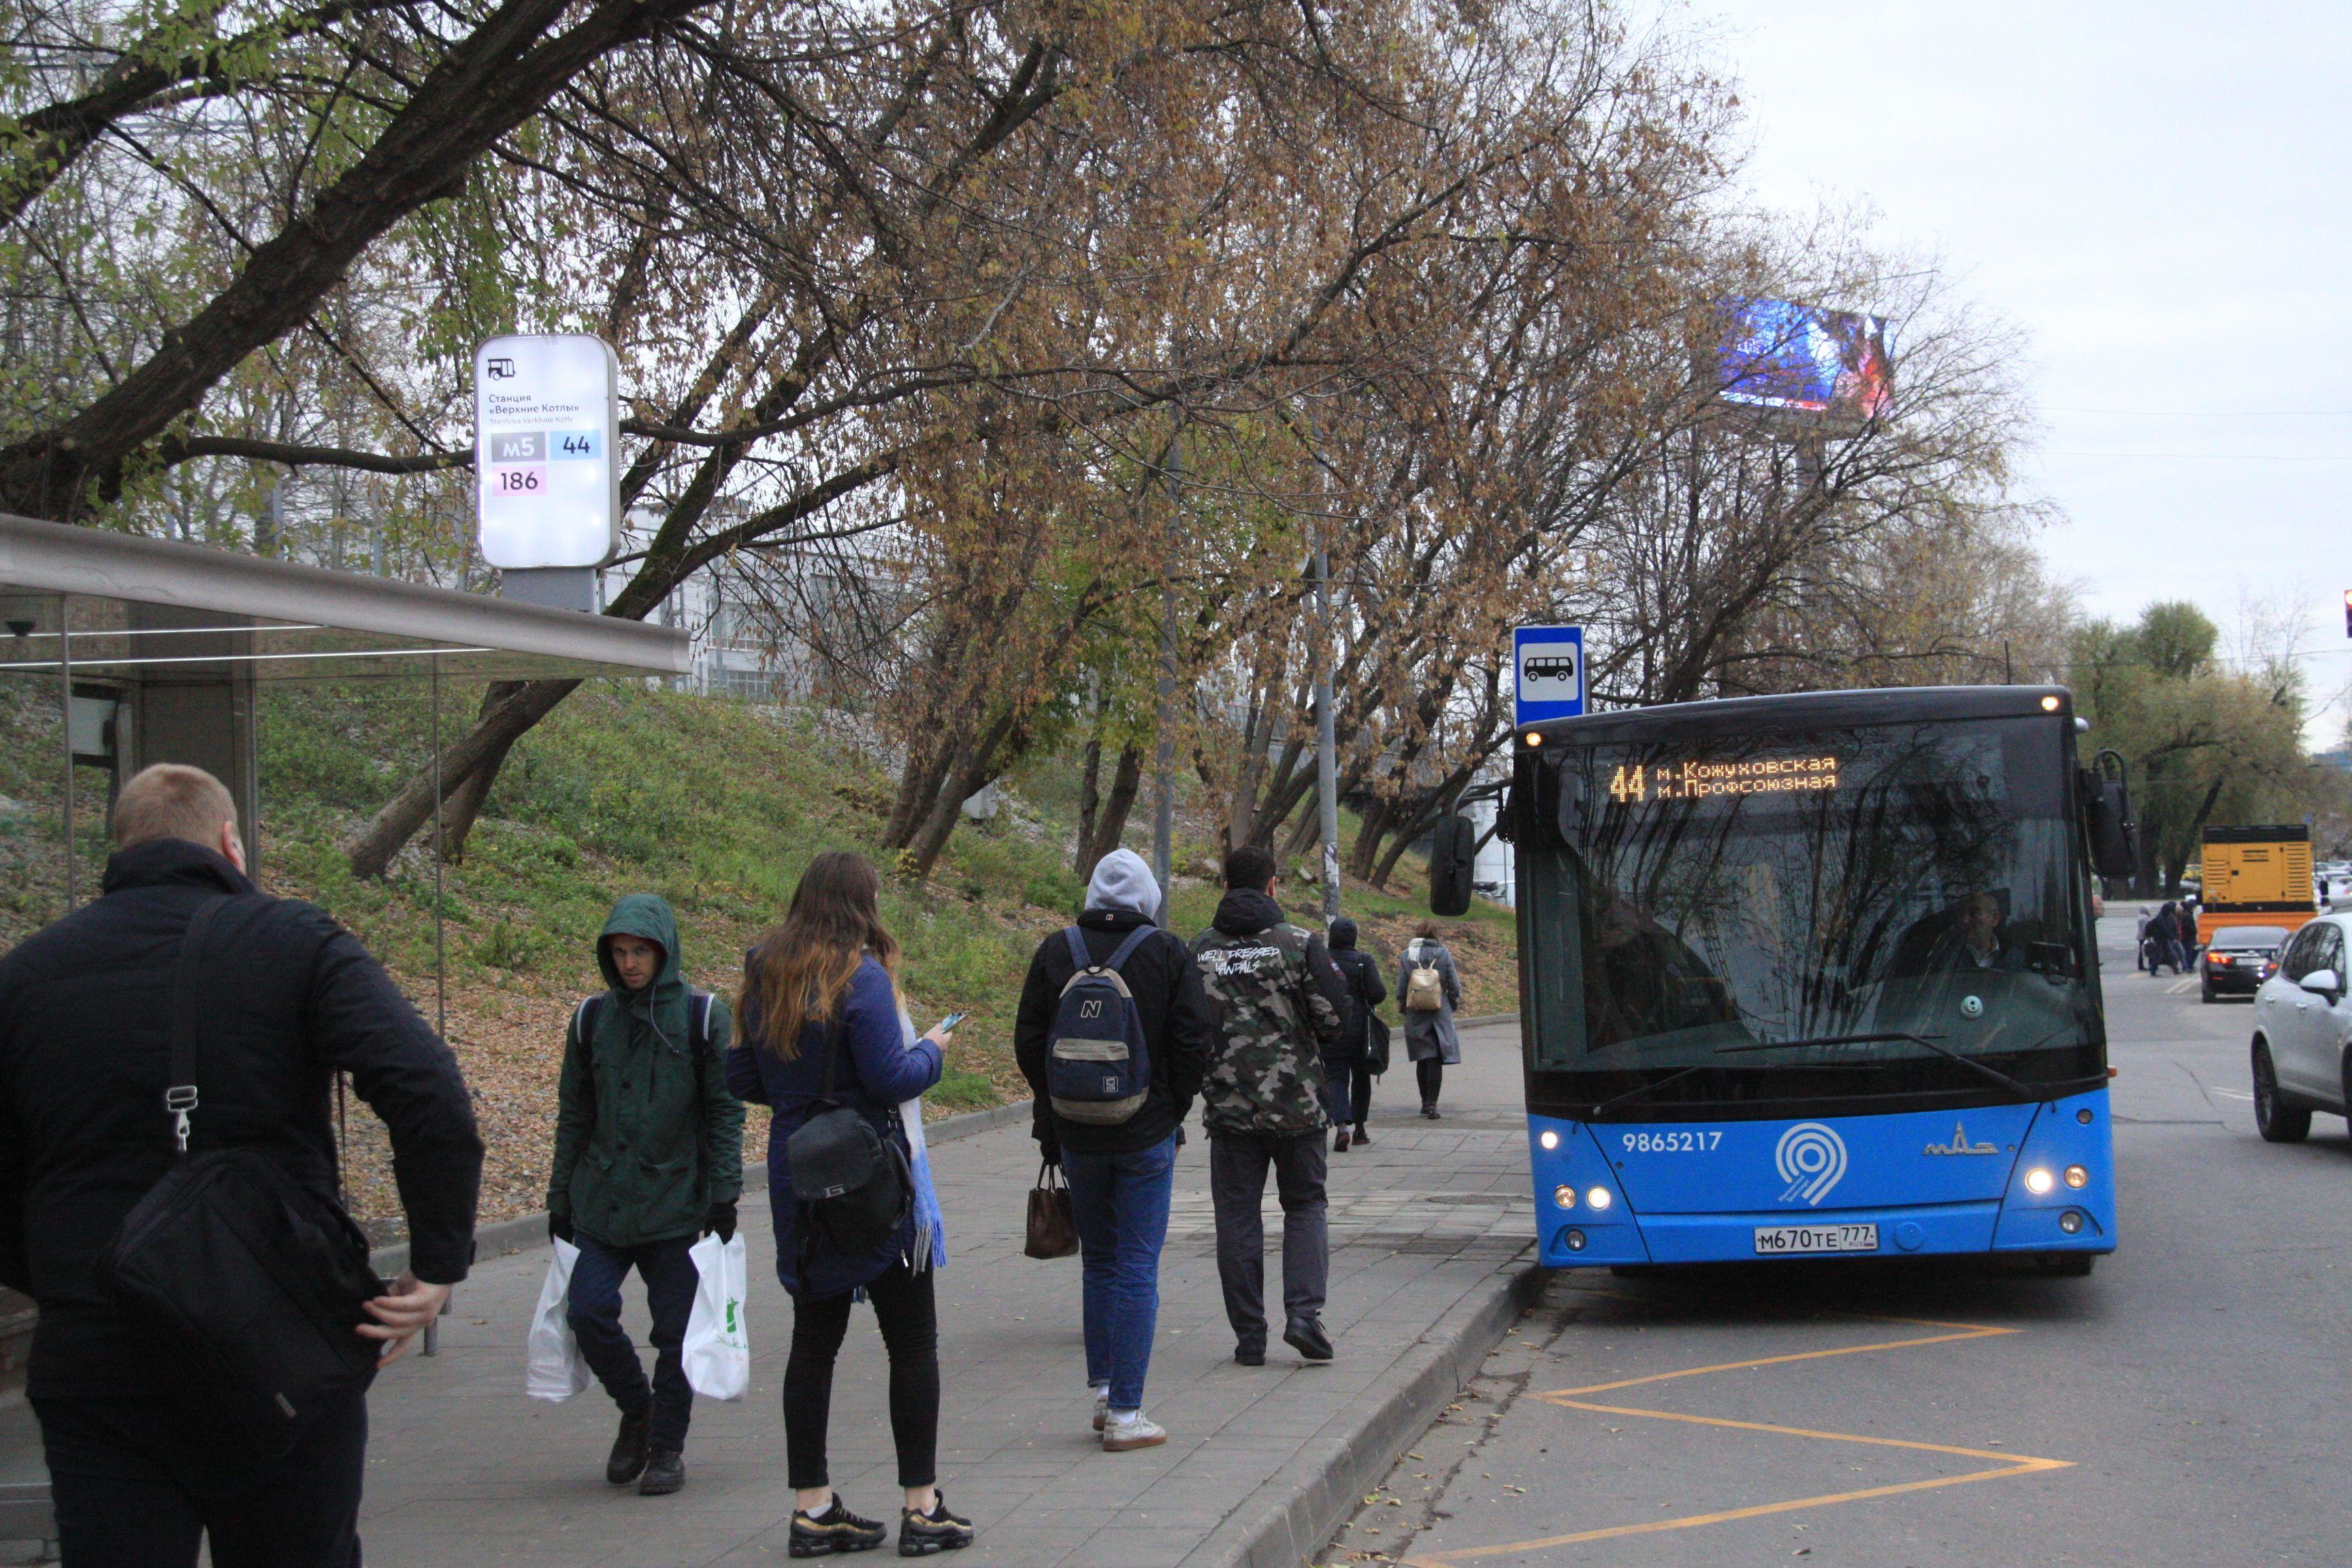 Дополнительные маршруты общественного транспорта появятся в Новой Москве